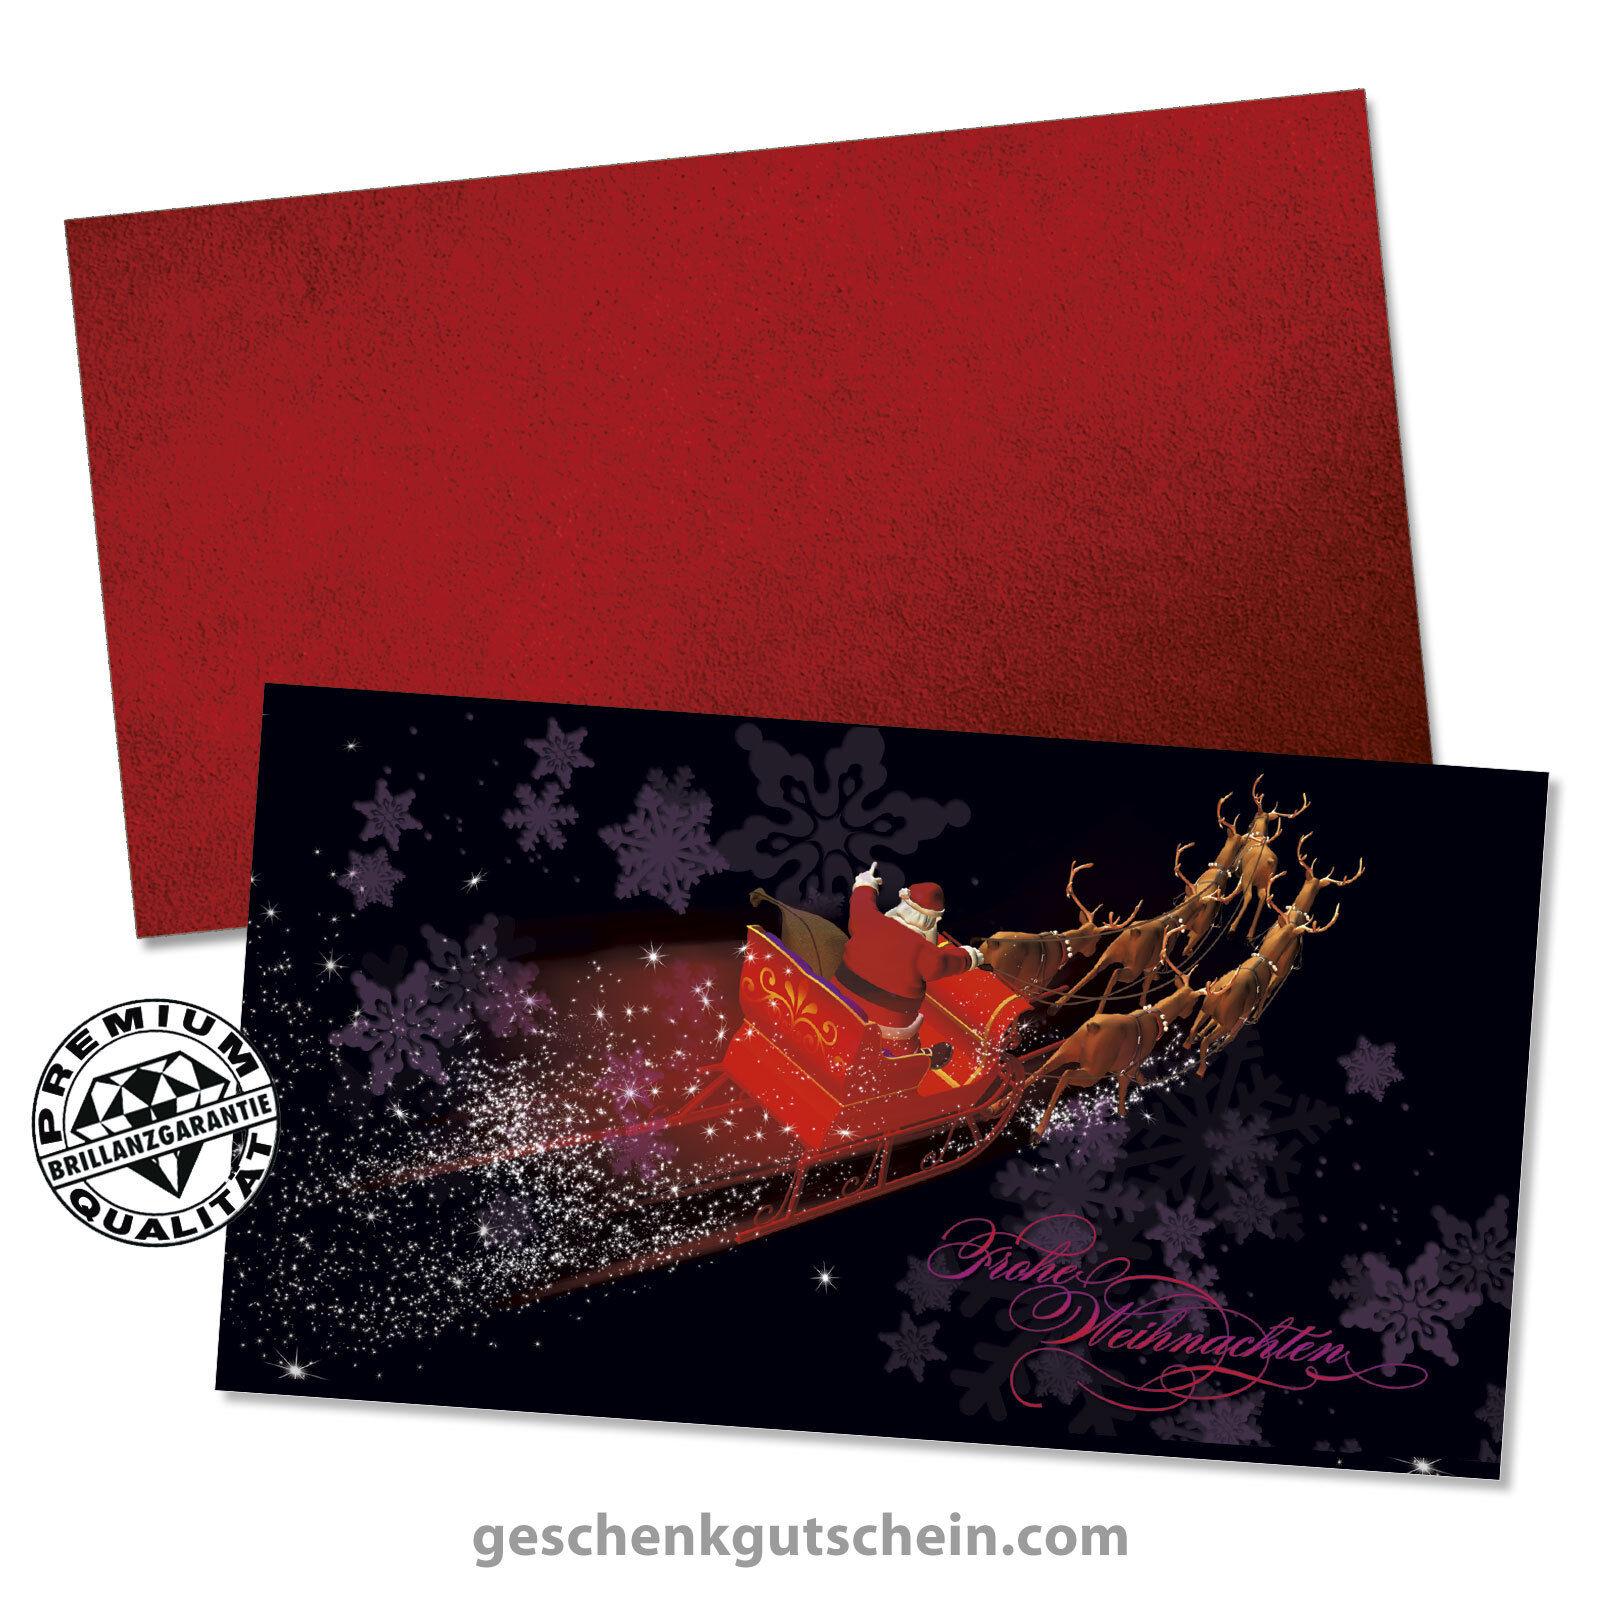 Weihnachts-Geschenkgutscheine mit KuGrüns für alle Branchen X1311  | Roman  | Feine Verarbeitung